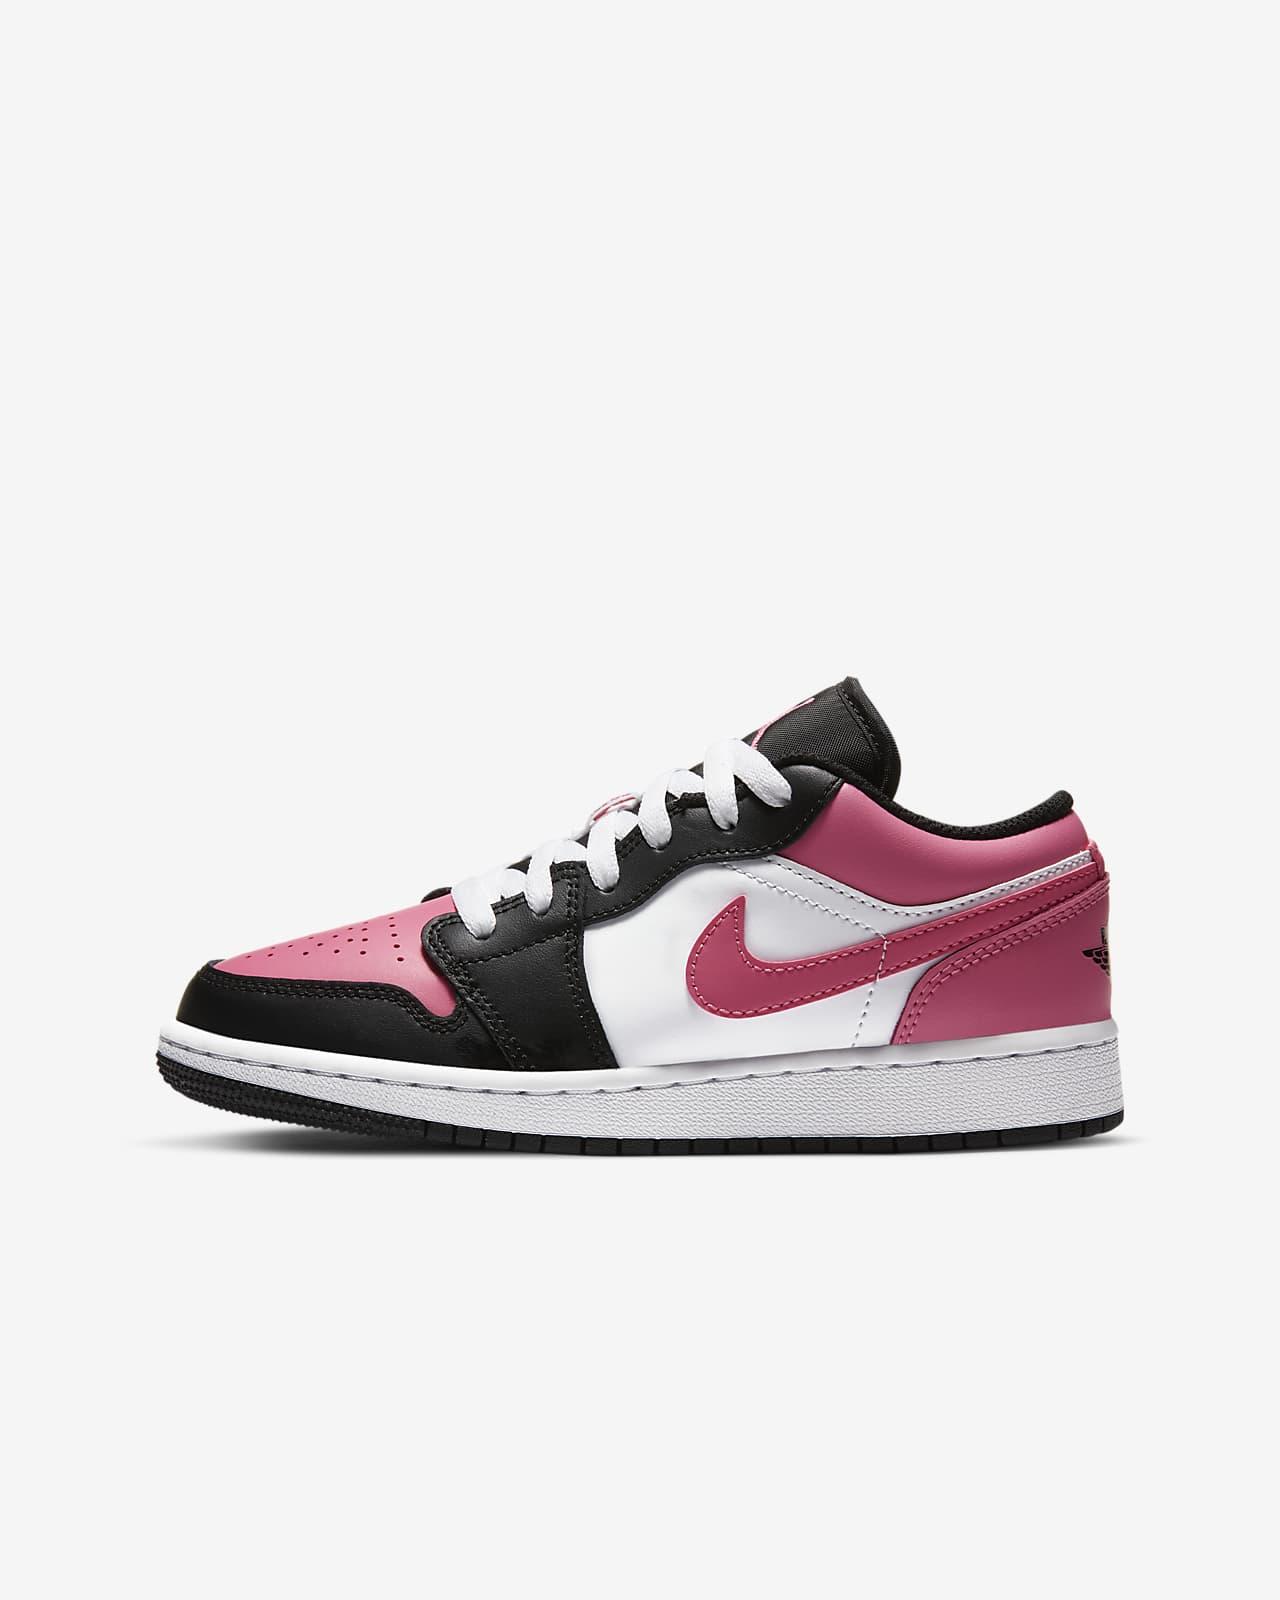 Hàng chính hãng Jordan 1 Low Pinksicle 554723106